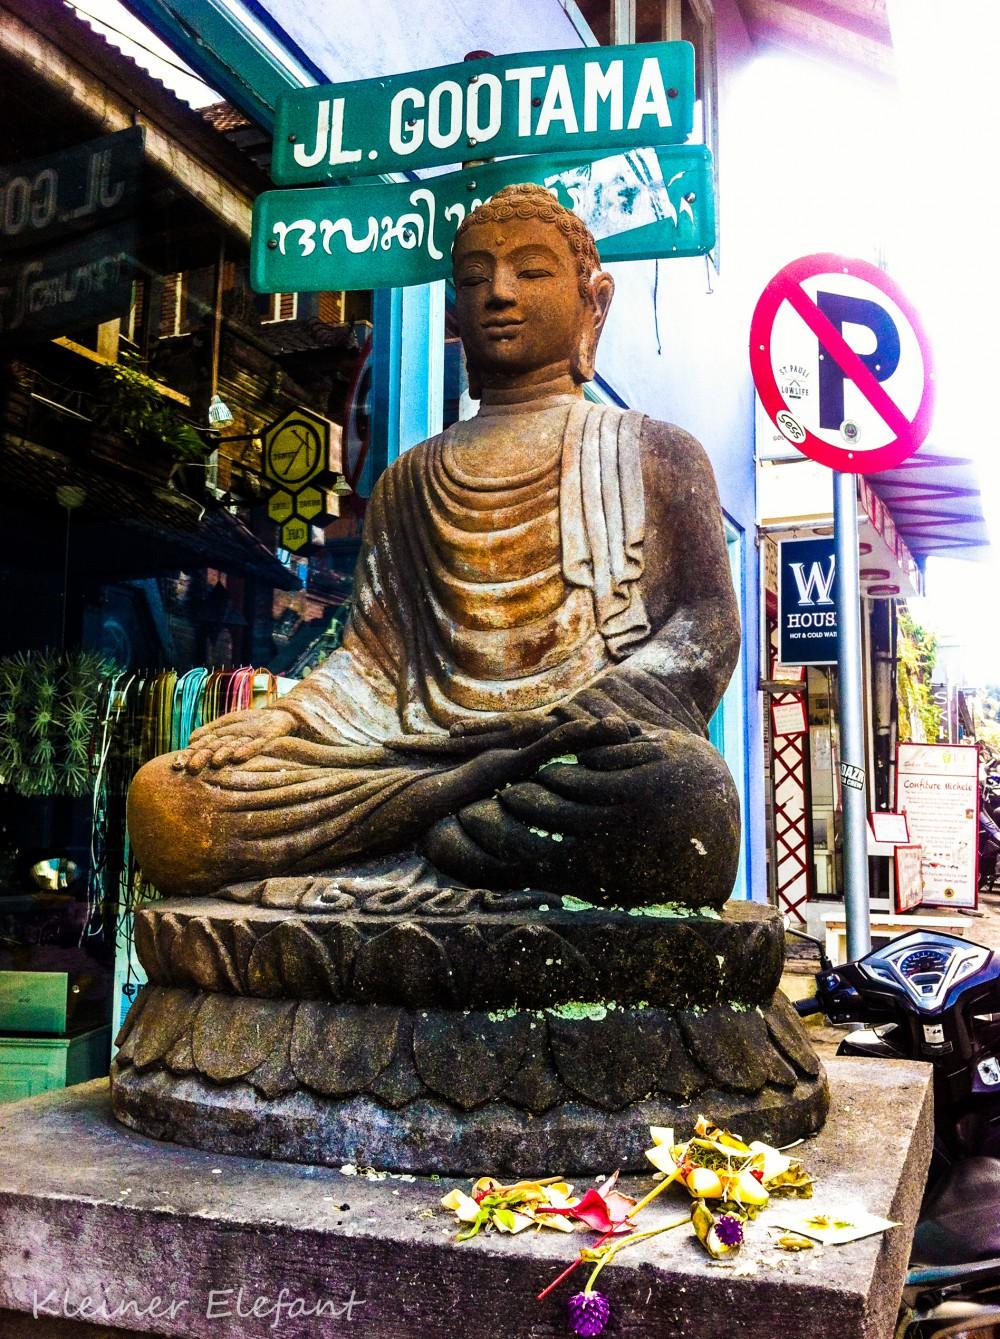 Buddha in der Jalan Goutama